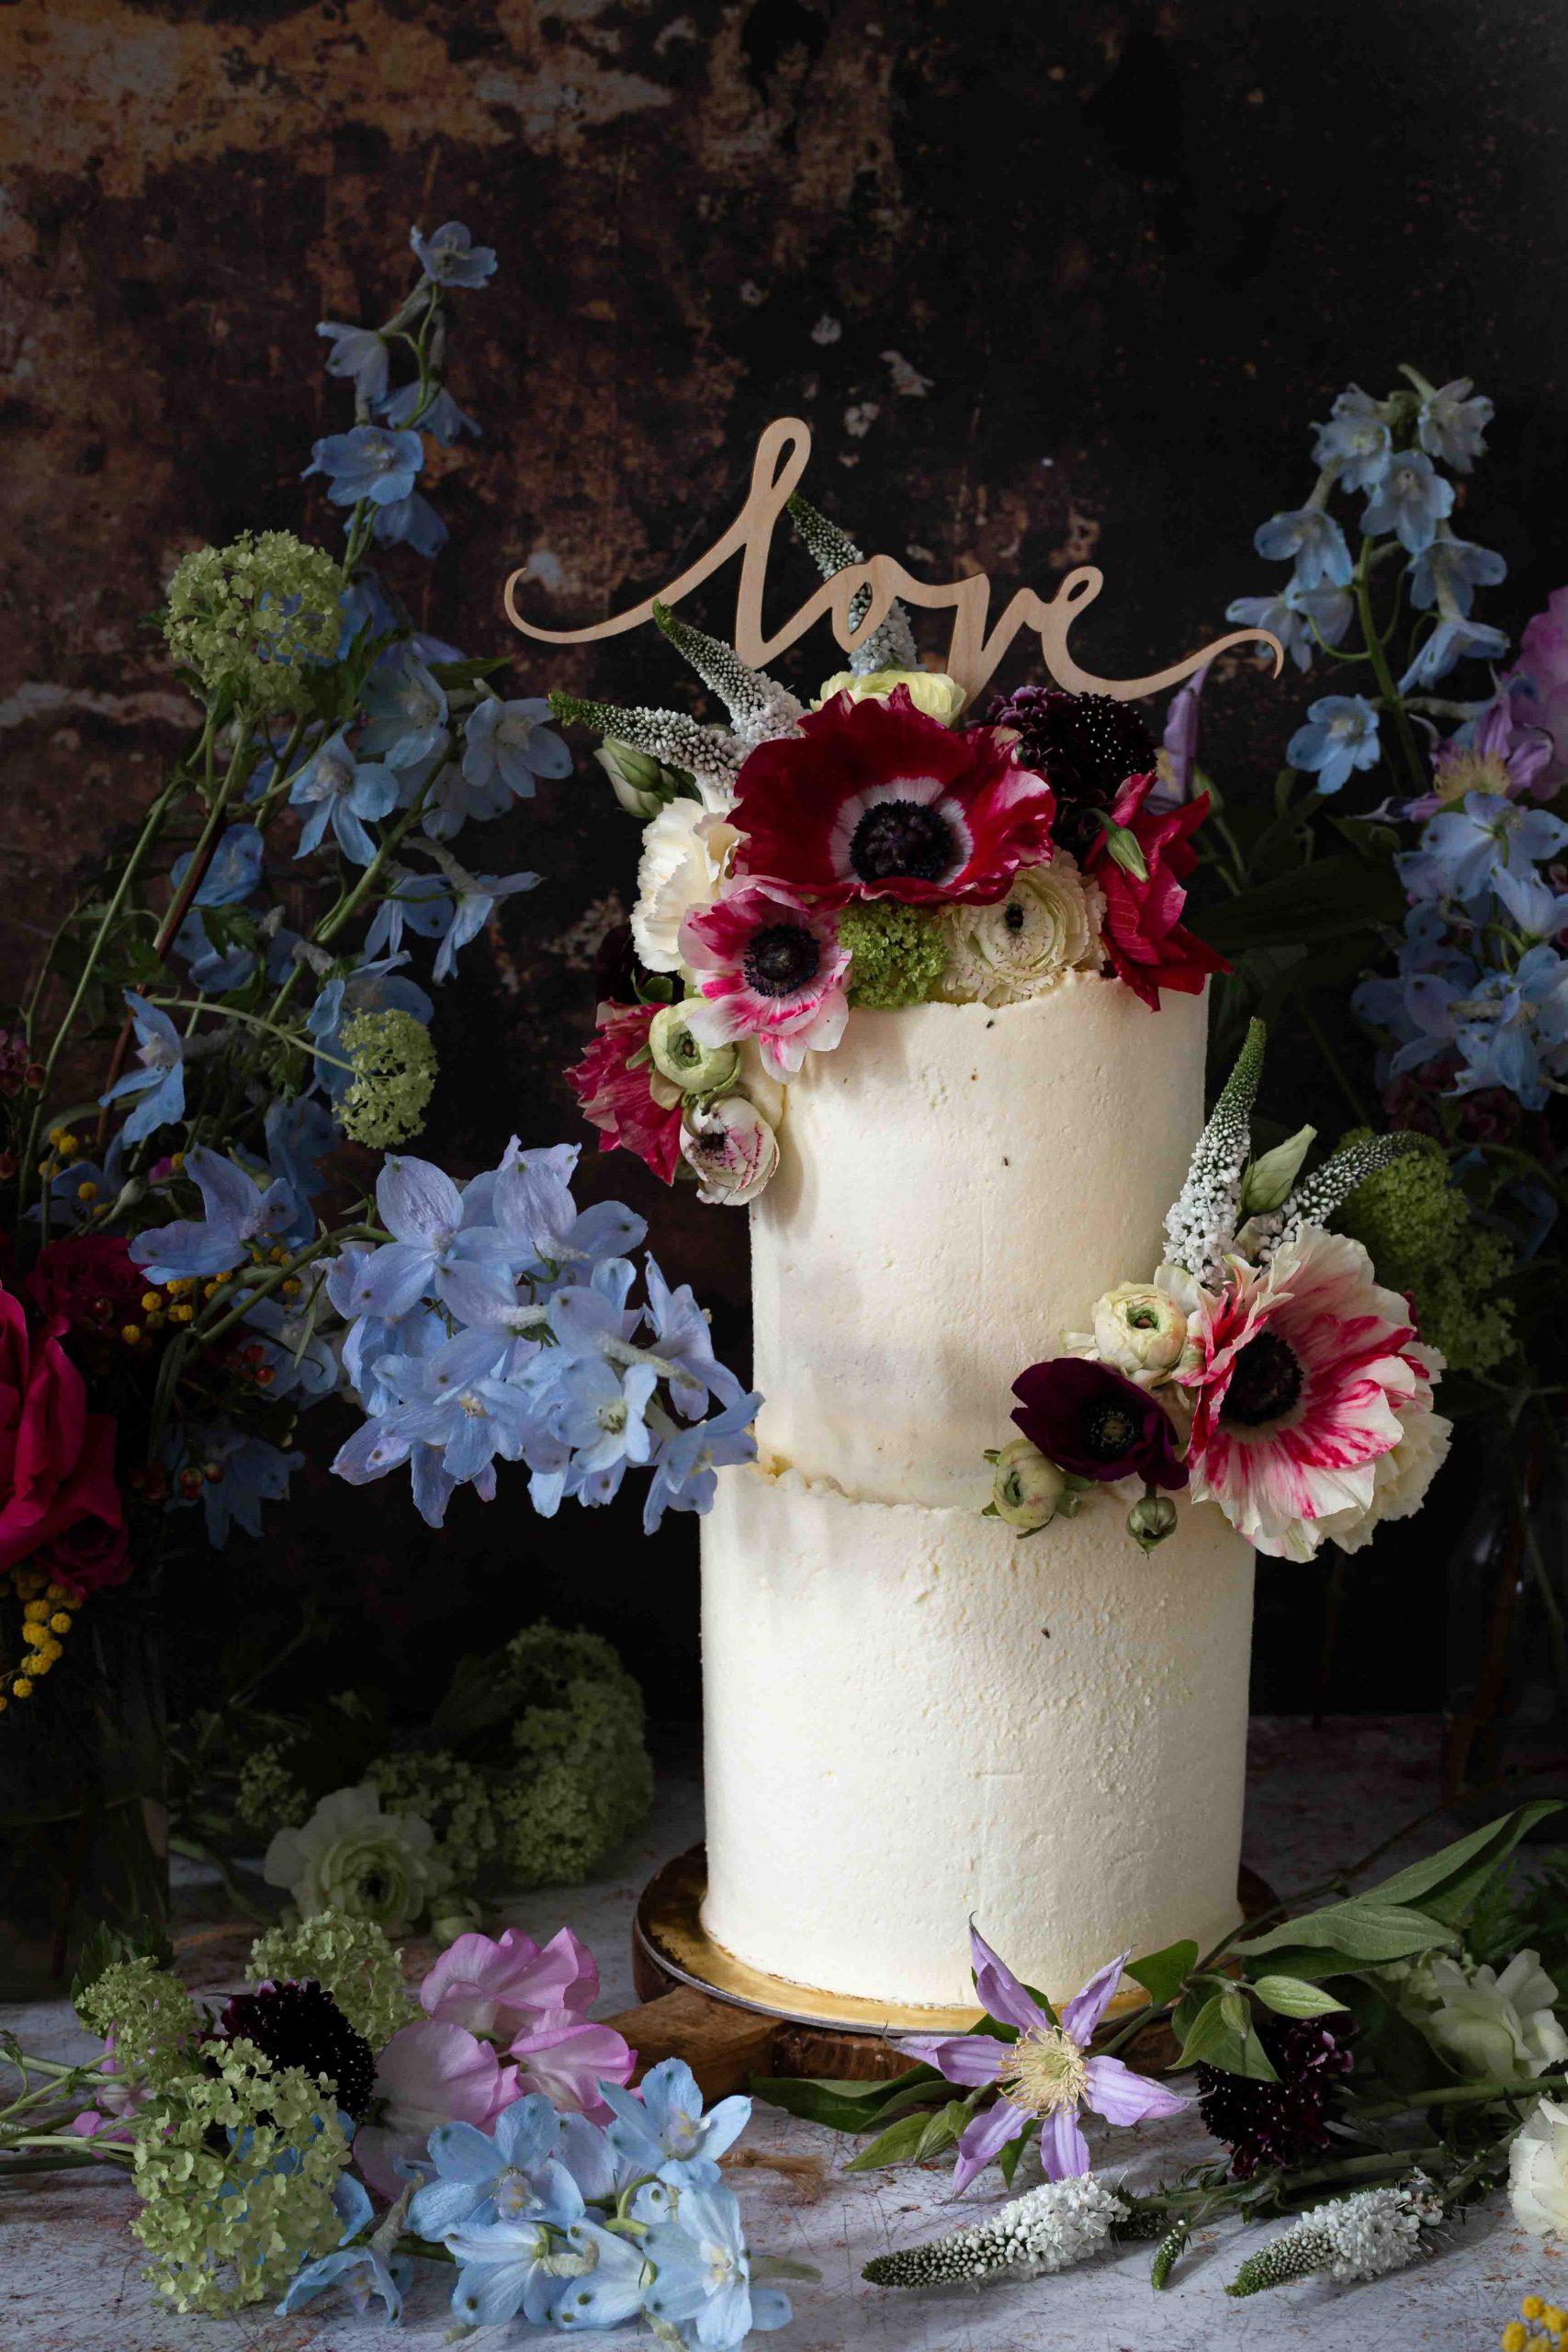 Hochzeitstorte selber machen – so geht's! | 5 Schritte zum selbst gebackenen Tortentraum